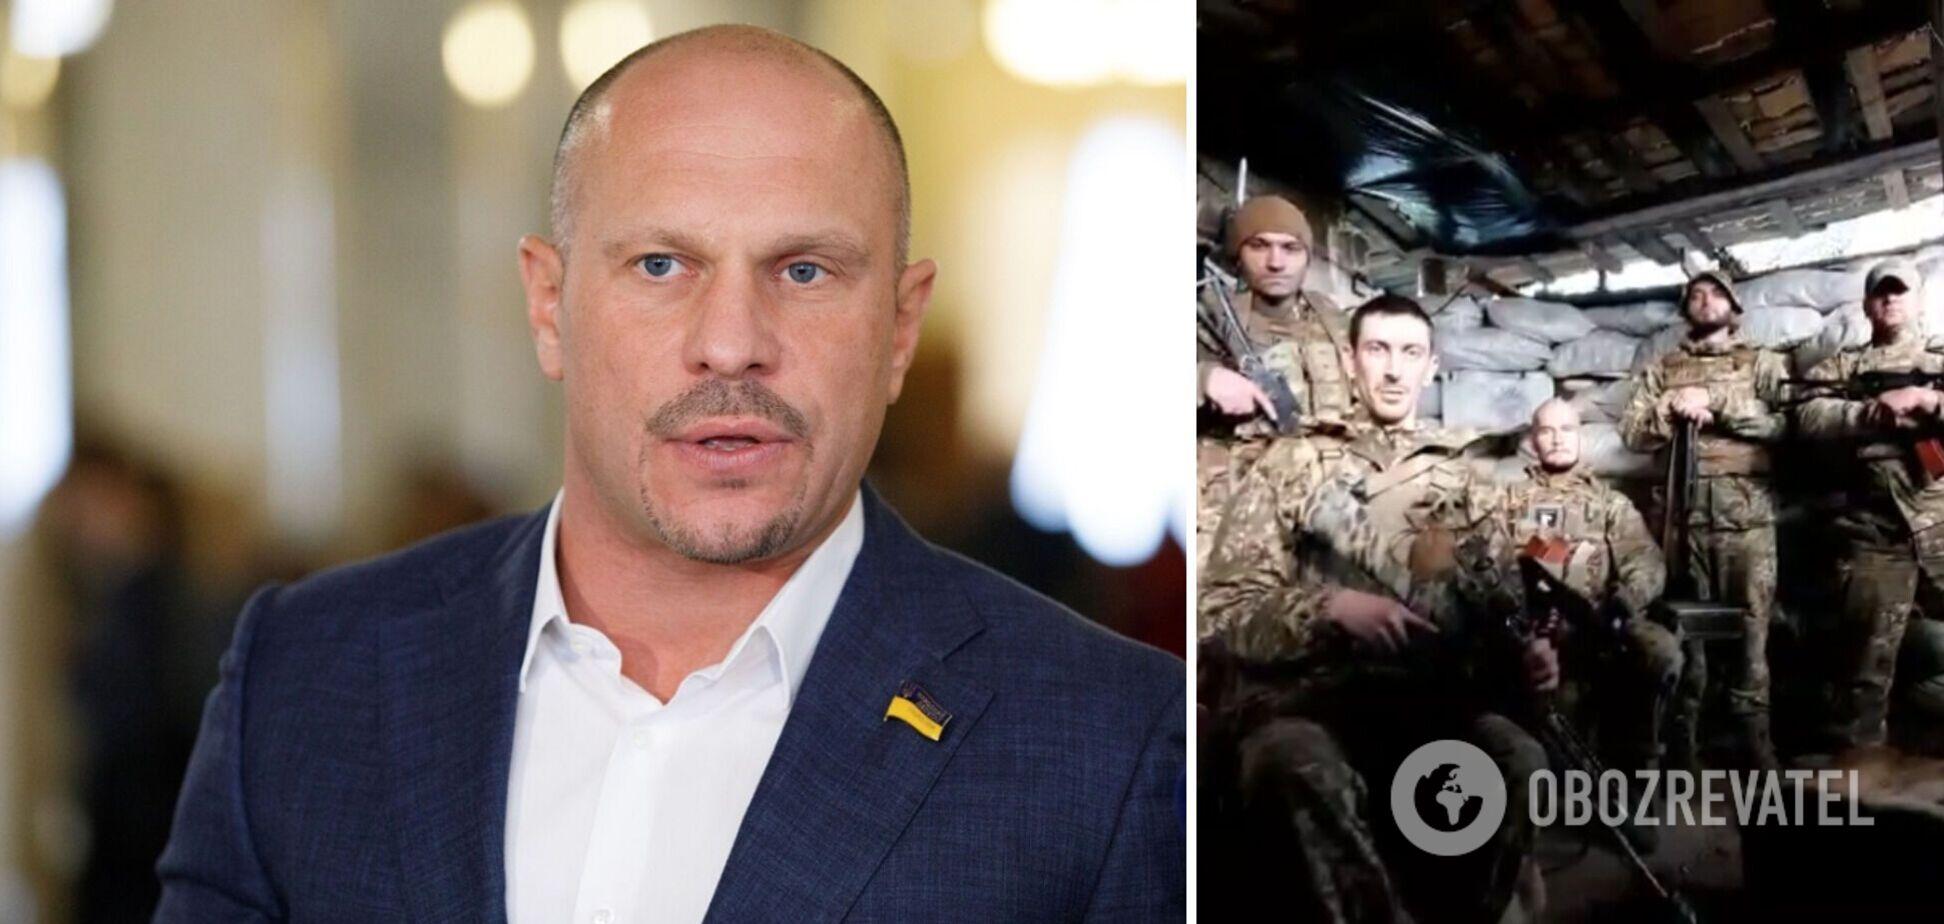 Ти плюнув на могили загиблих бійців: українські військові передали 'привіт' Киві з передової. Відео